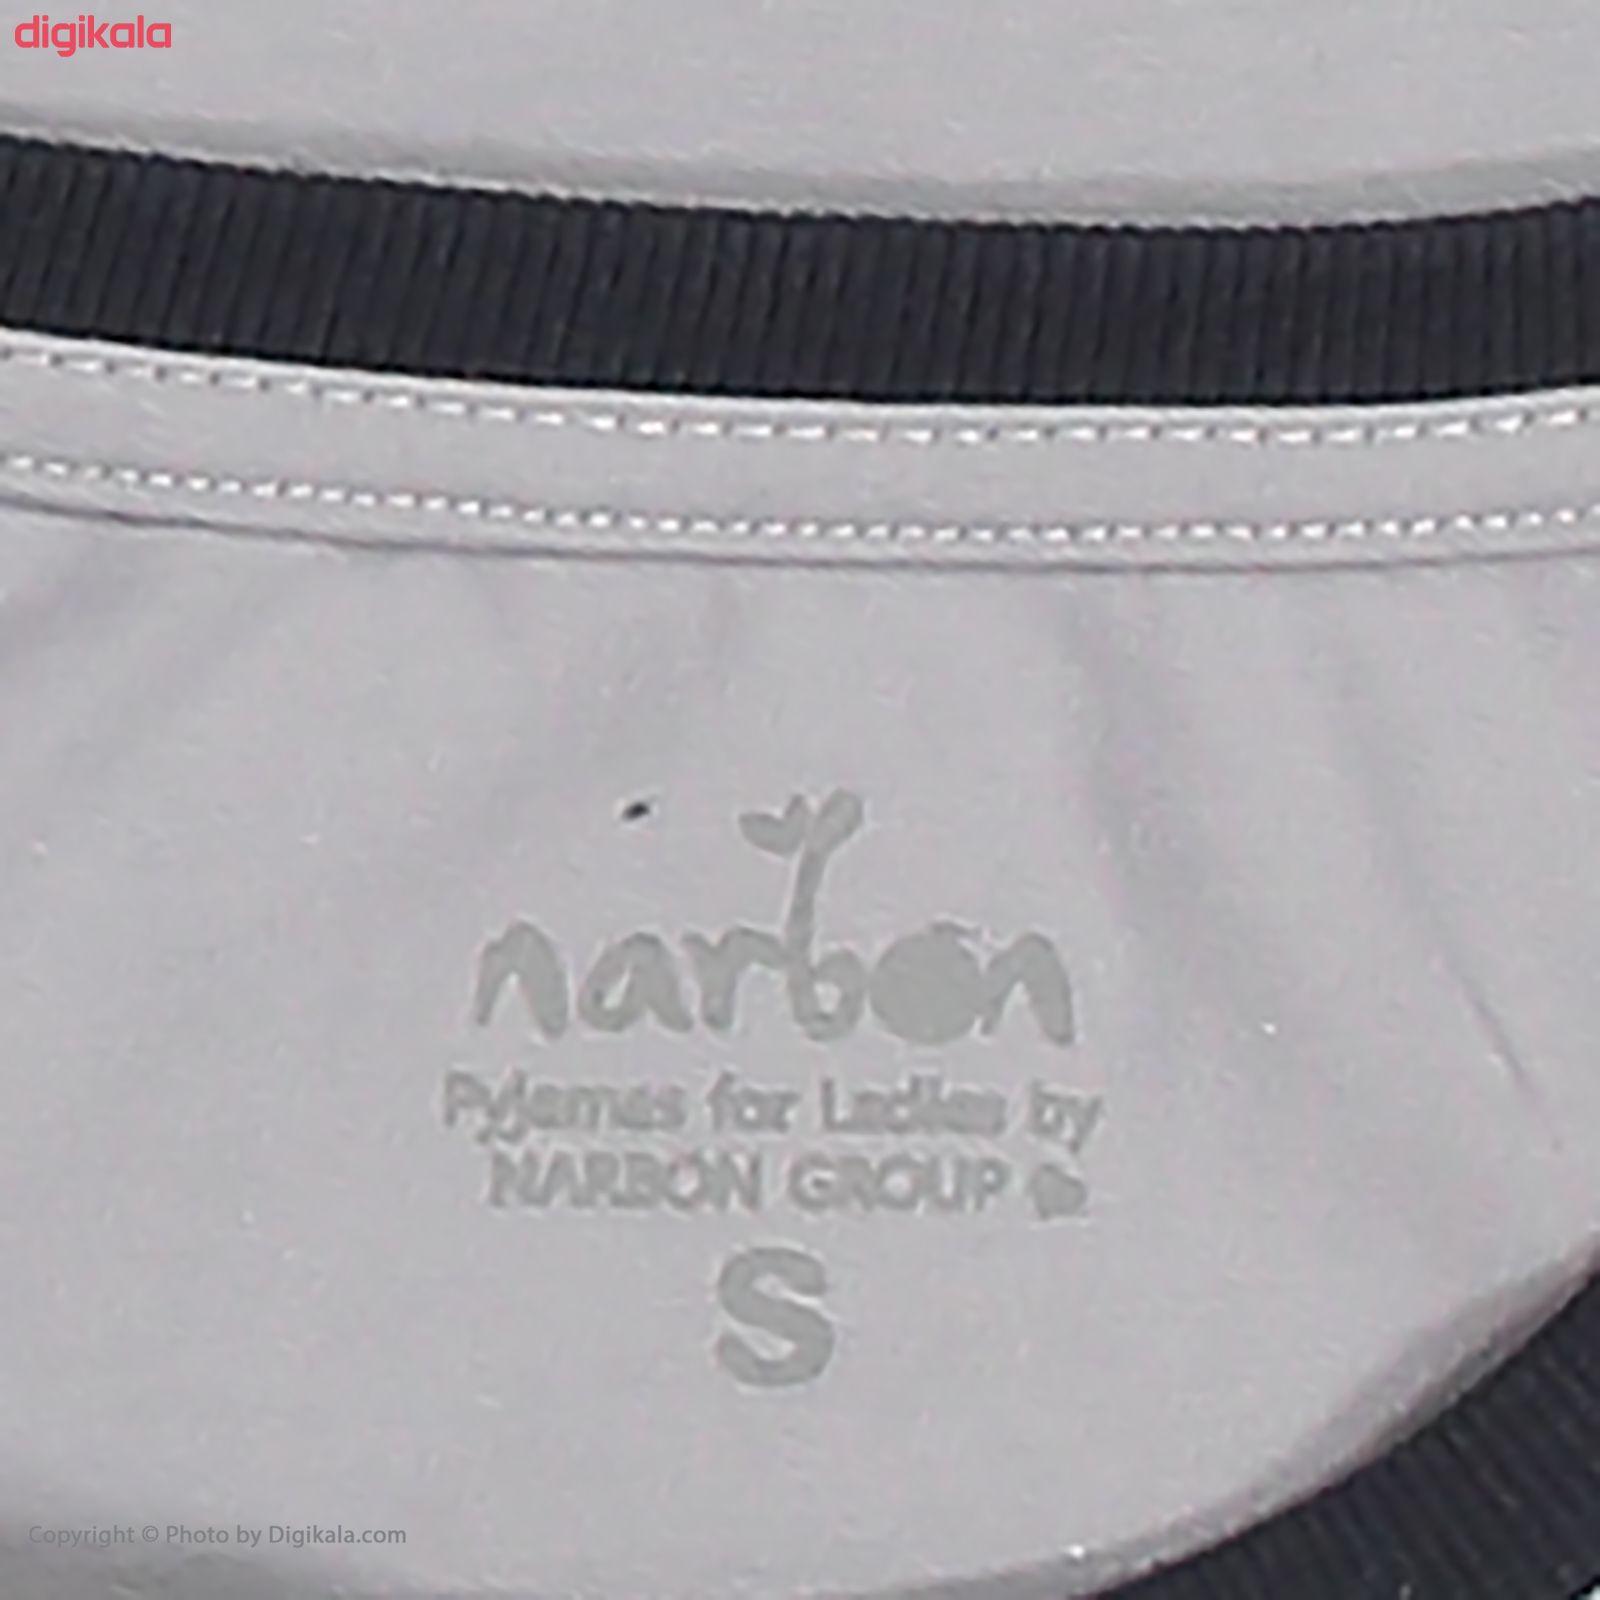 ست تی شرت و شلوار زنانه ناربن مدل 1521284-92 main 1 5